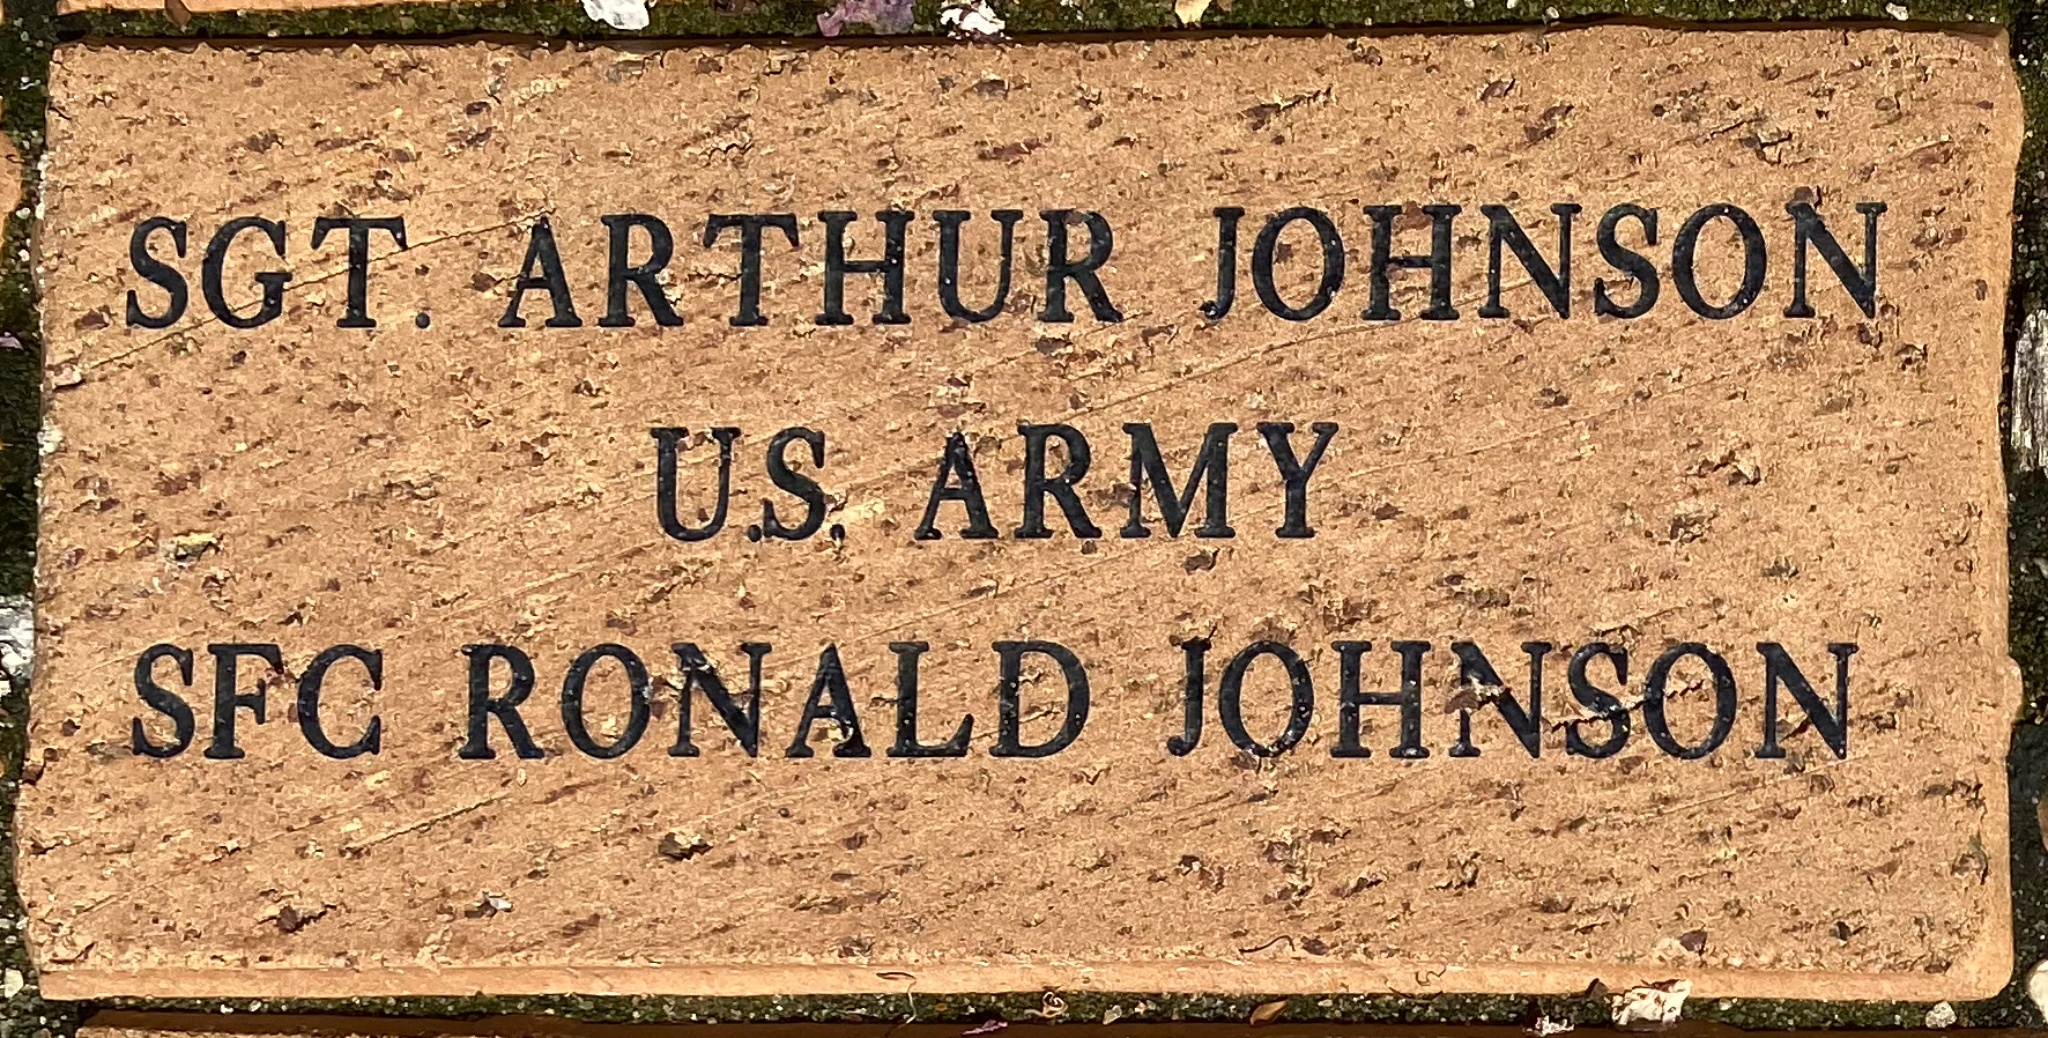 SGT ARTHUR JOHNSON U.S. ARMY SFC RONALD JOHNSON